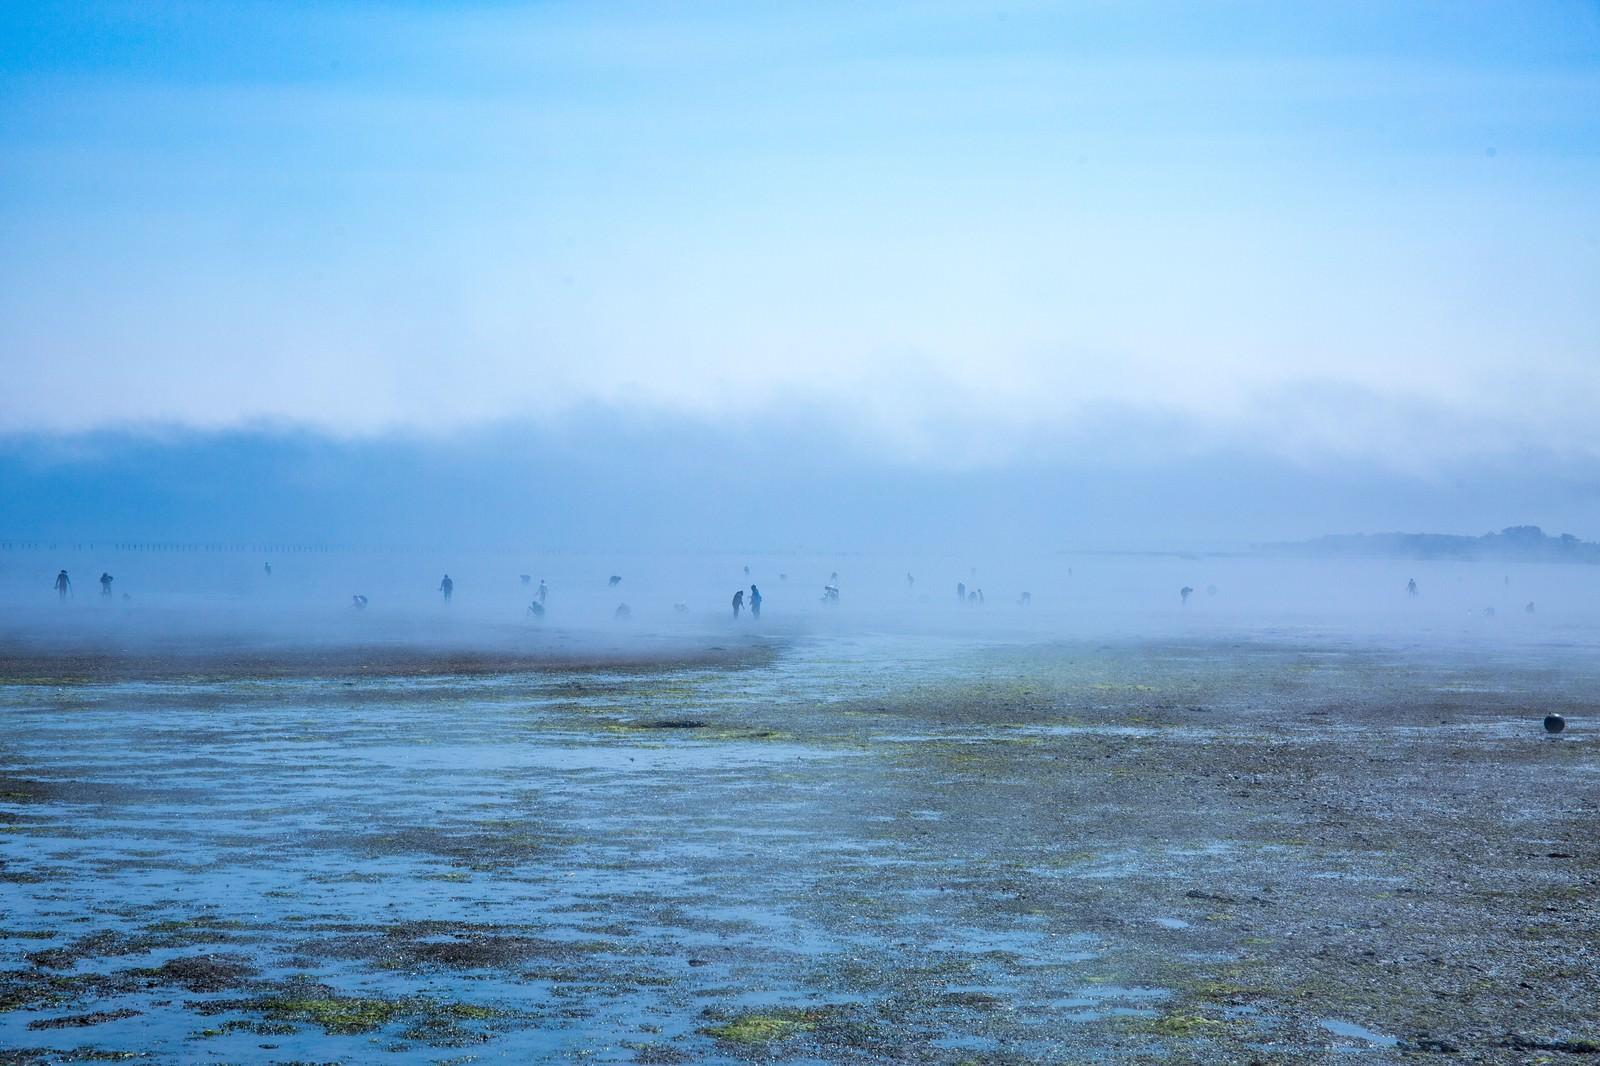 「靄の中の人影(潮干狩り)」の写真